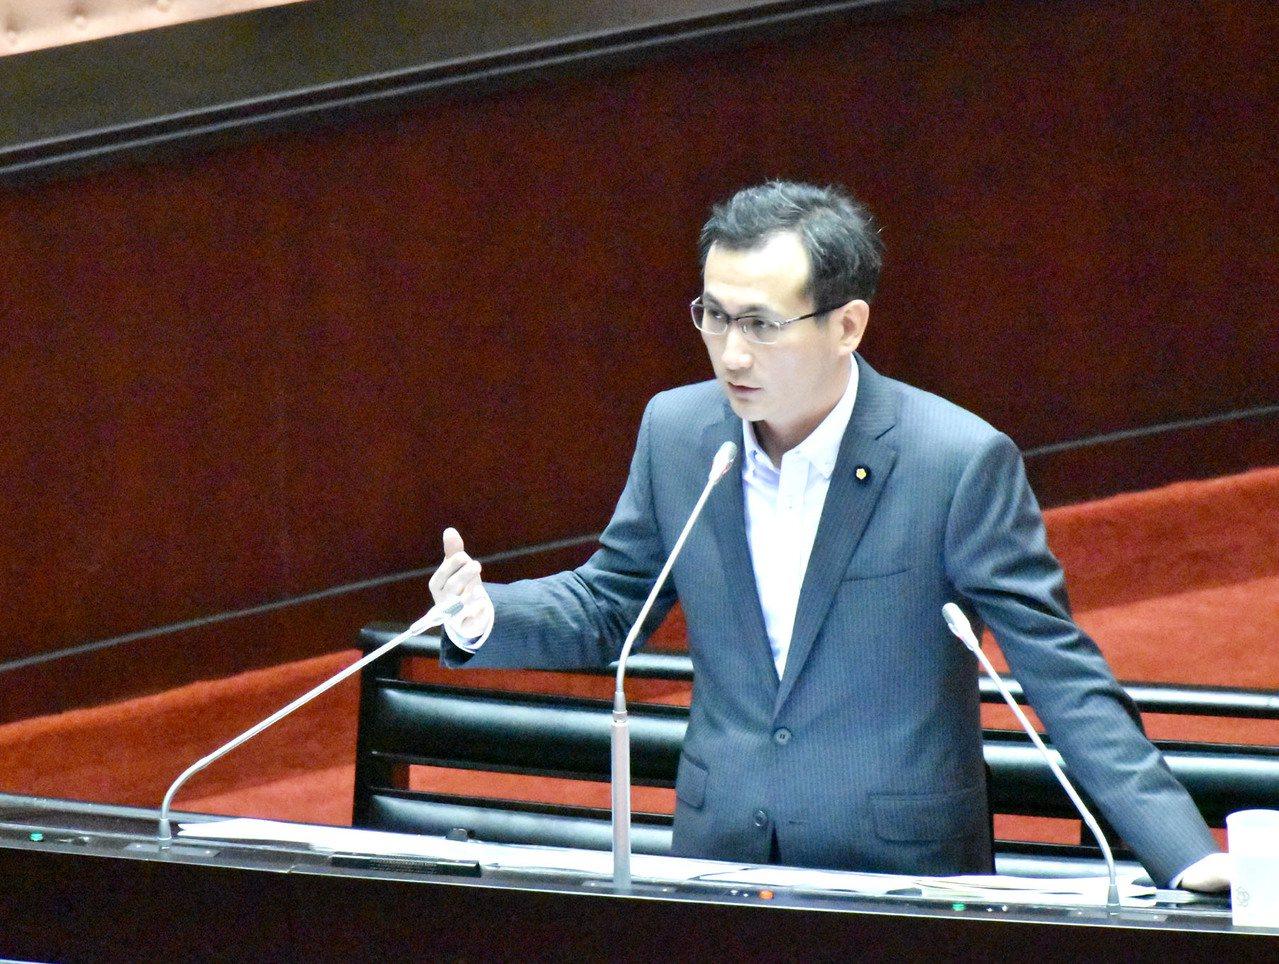 民進黨立委鄭運鵬(見圖)認為鄉鎮市弊案多,他在立院提案廢除鄉鎮市長、鄉鎮市代表選...